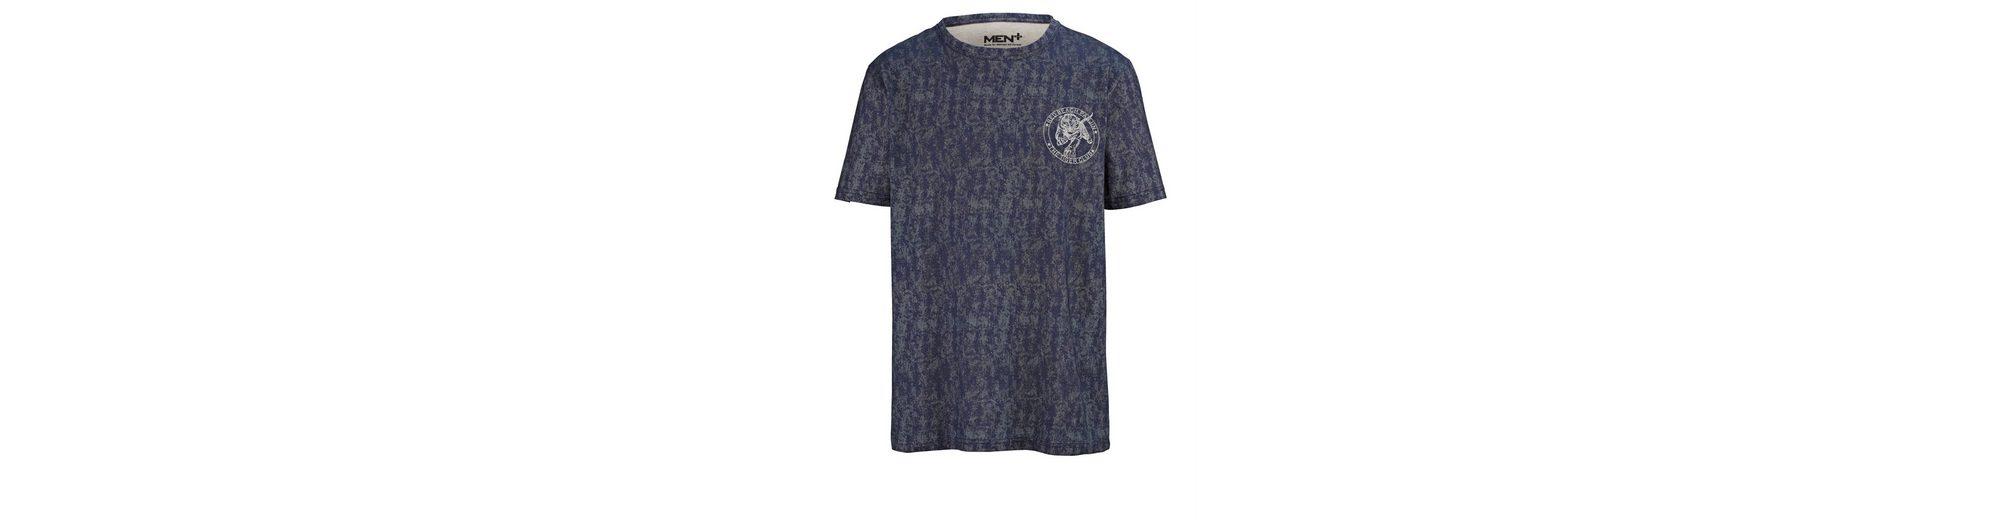 Billige Echte Men Plus by Happy Size Longshirt mit Tiger-Print Kaufen Sie Günstig Online Komfortabel Günstiger Preis Rabatt Limitierte Auflage Billig Verkauf Aus Deutschland OL3YJp8jM2